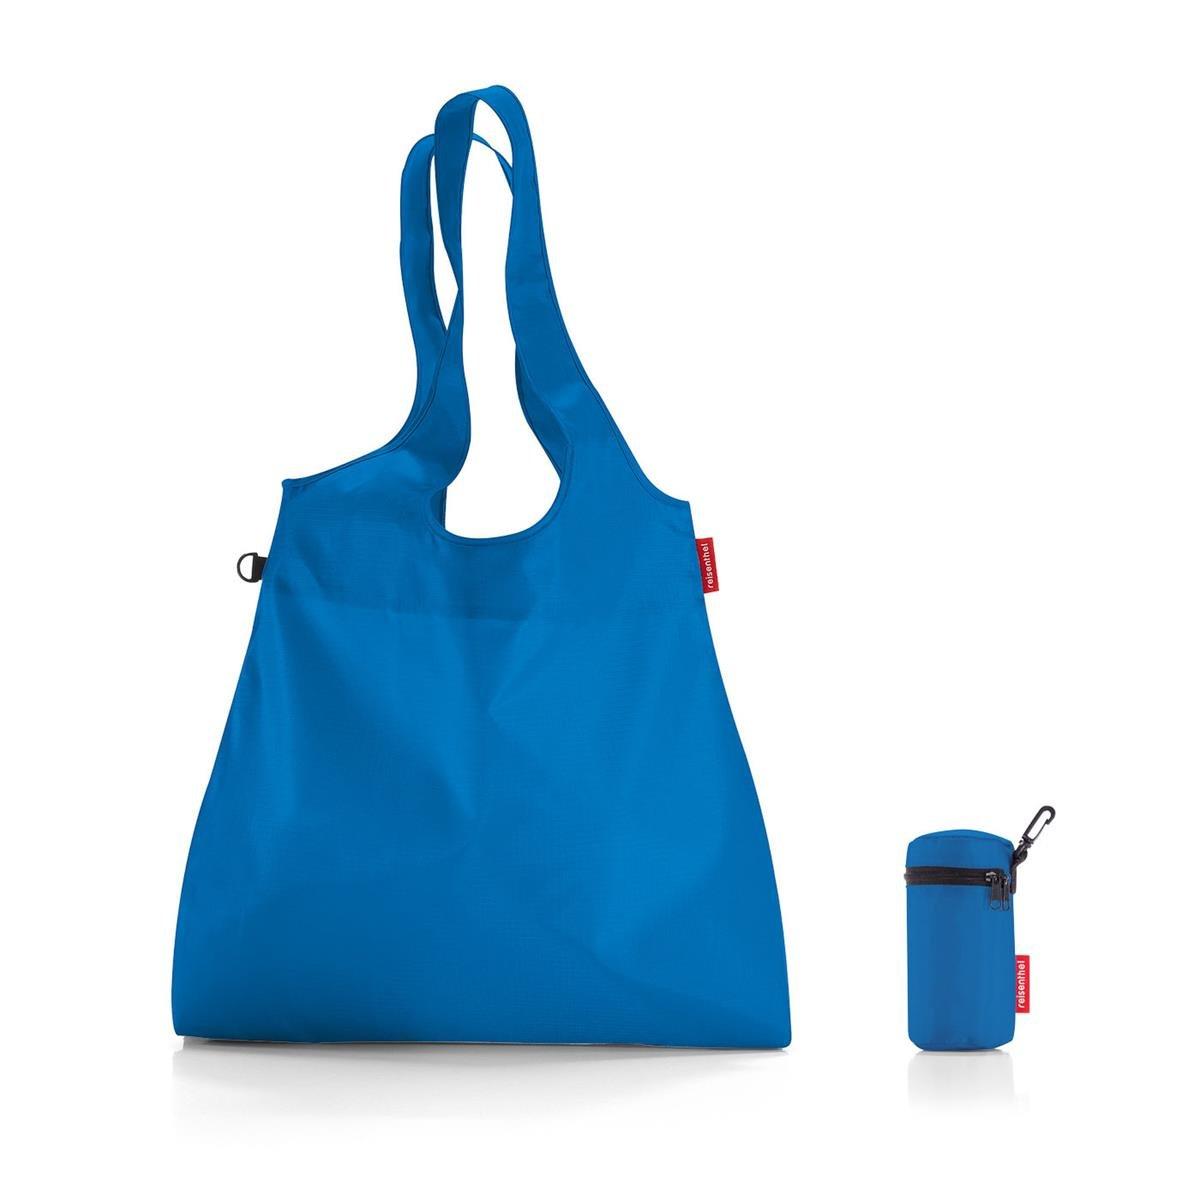 Reisenthel Sac de sport grand format, French Blue (Bleu) - AX4054